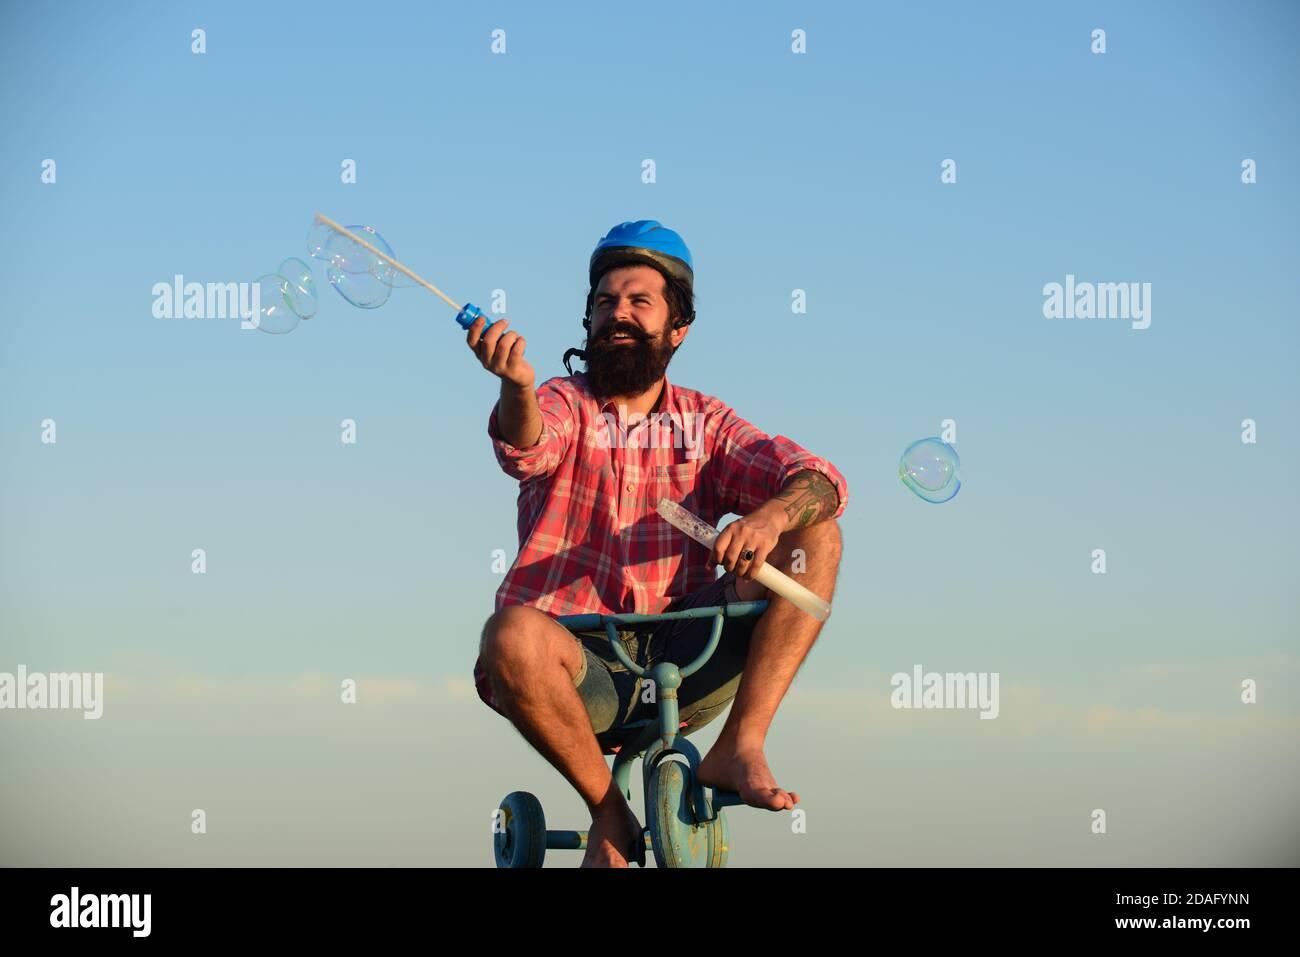 Mémoire d'enfance. Drôle d'homme sur un vélo pour enfants. Vélo nerdy. Banque D'Images